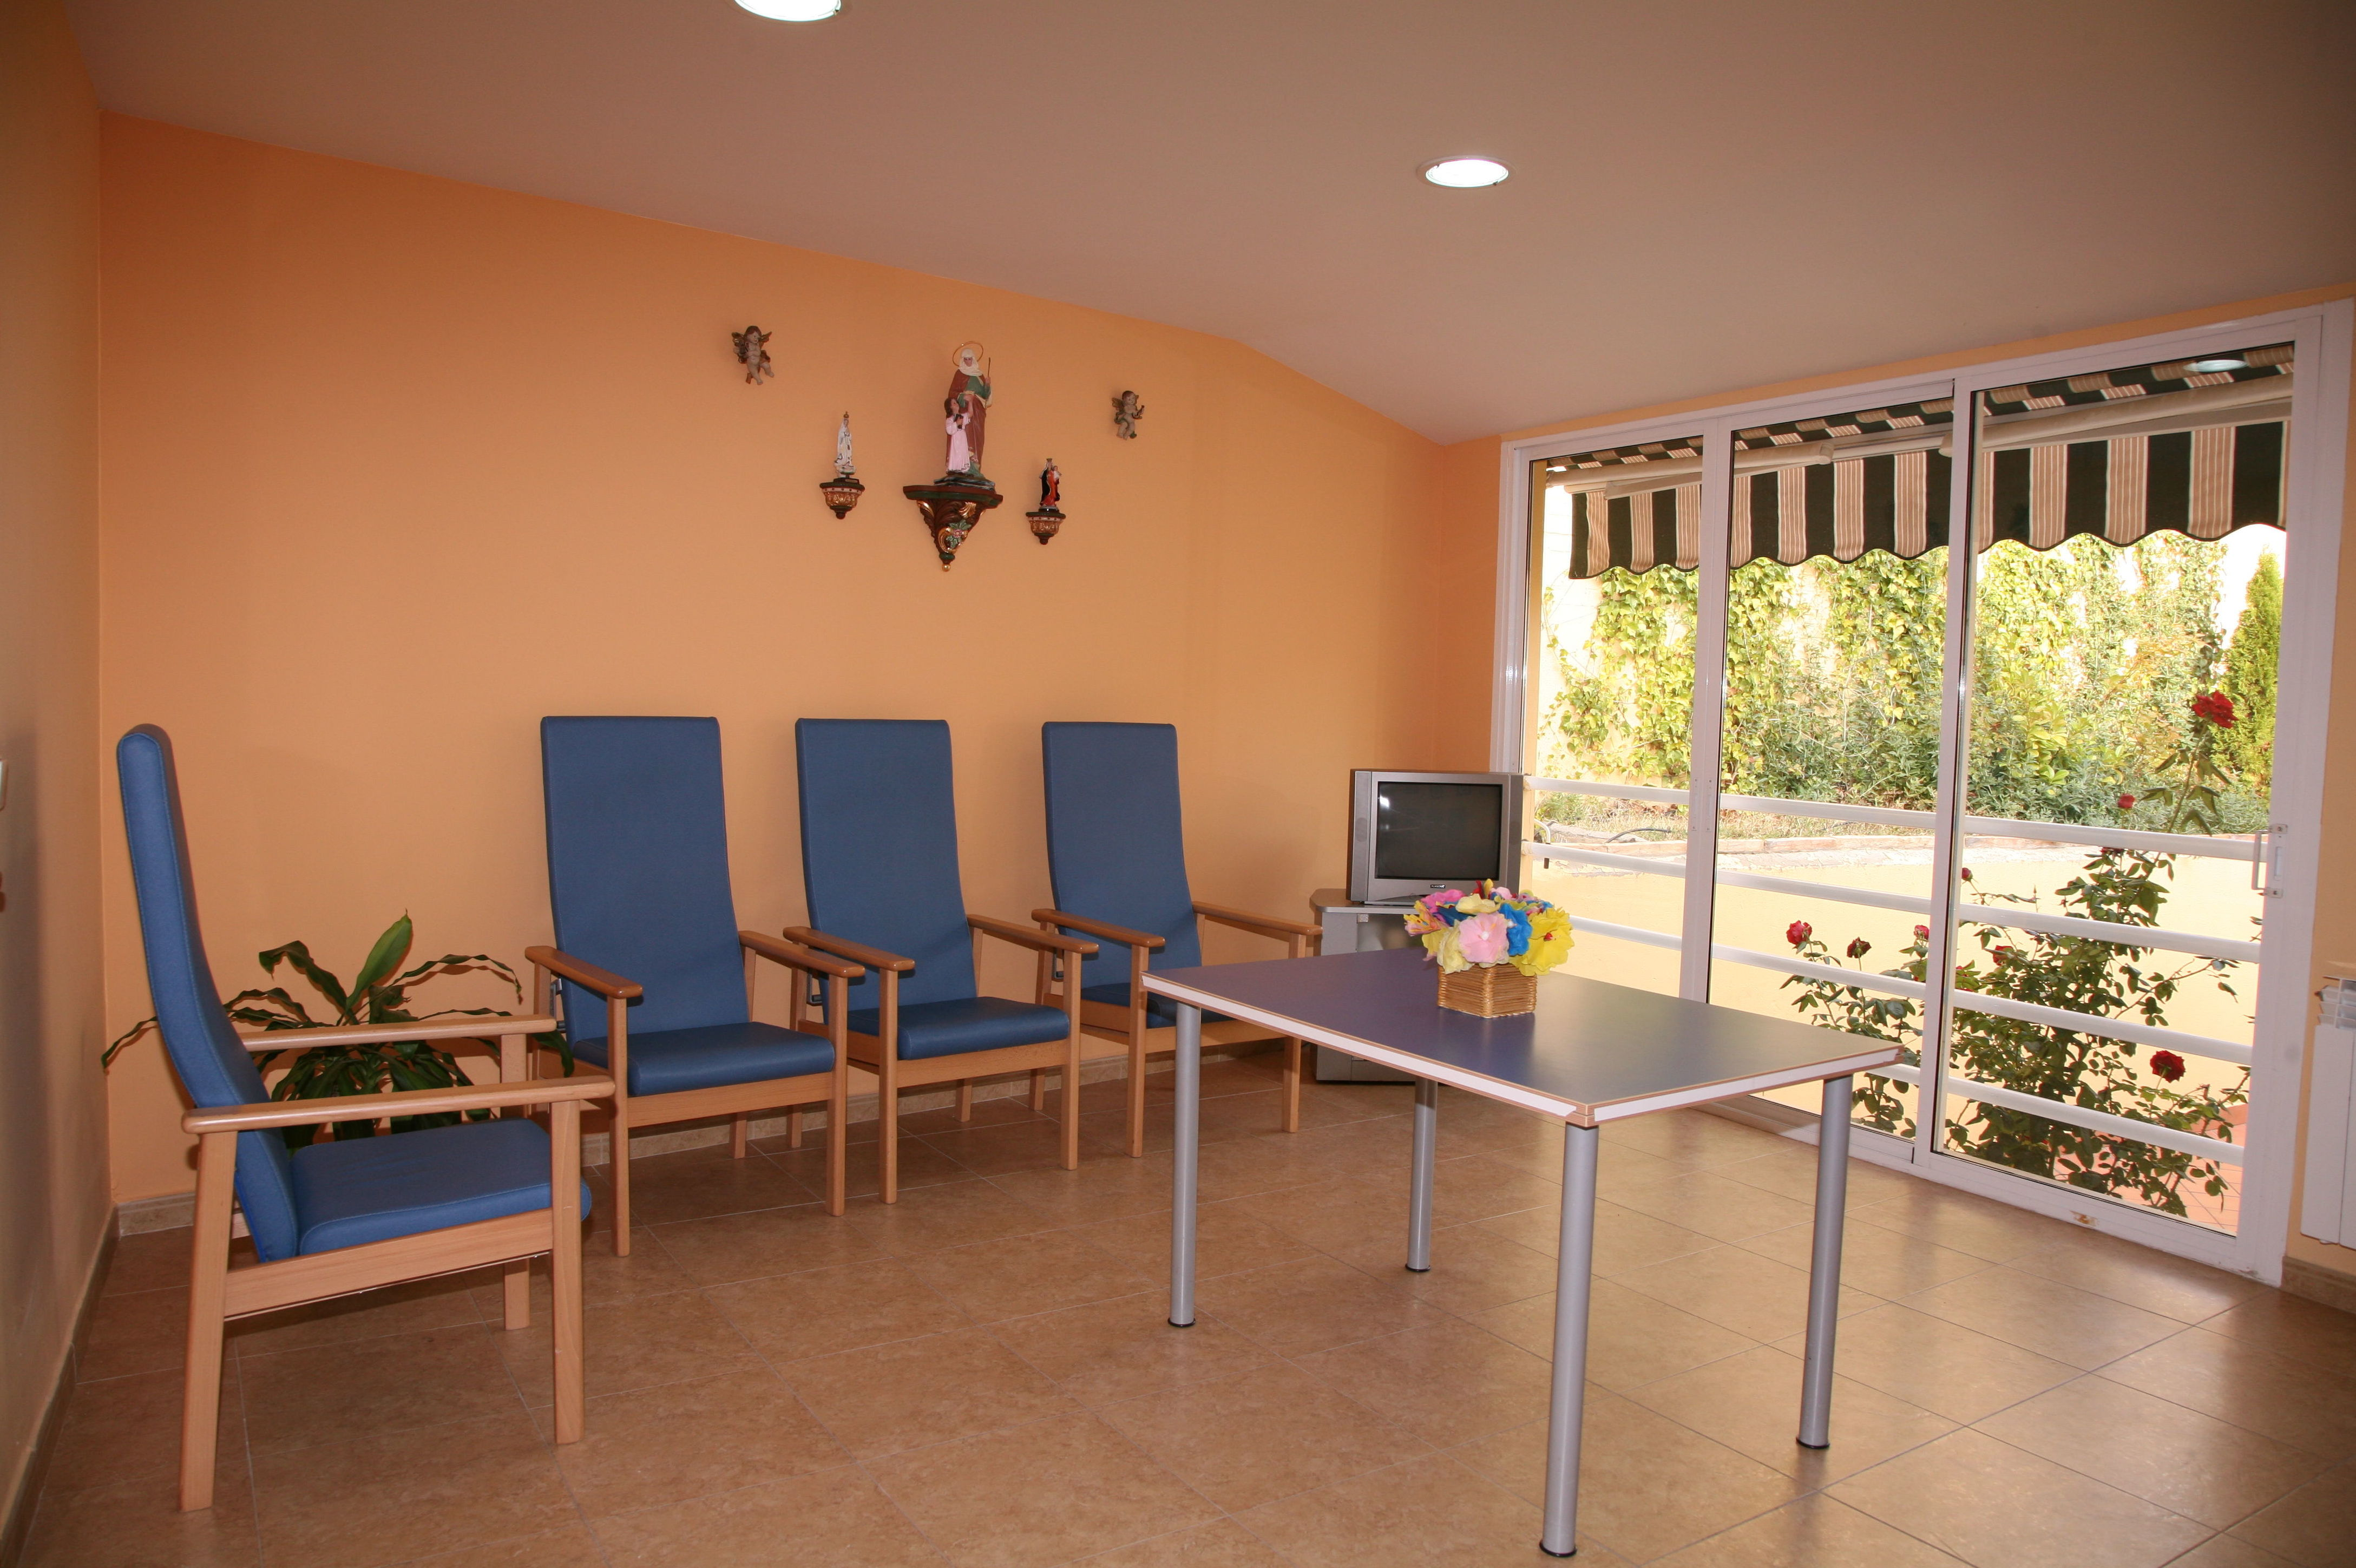 Foto 19 de Residencias geriátricas en Zaratán | Residencia para Personas Mayores Santa Ana